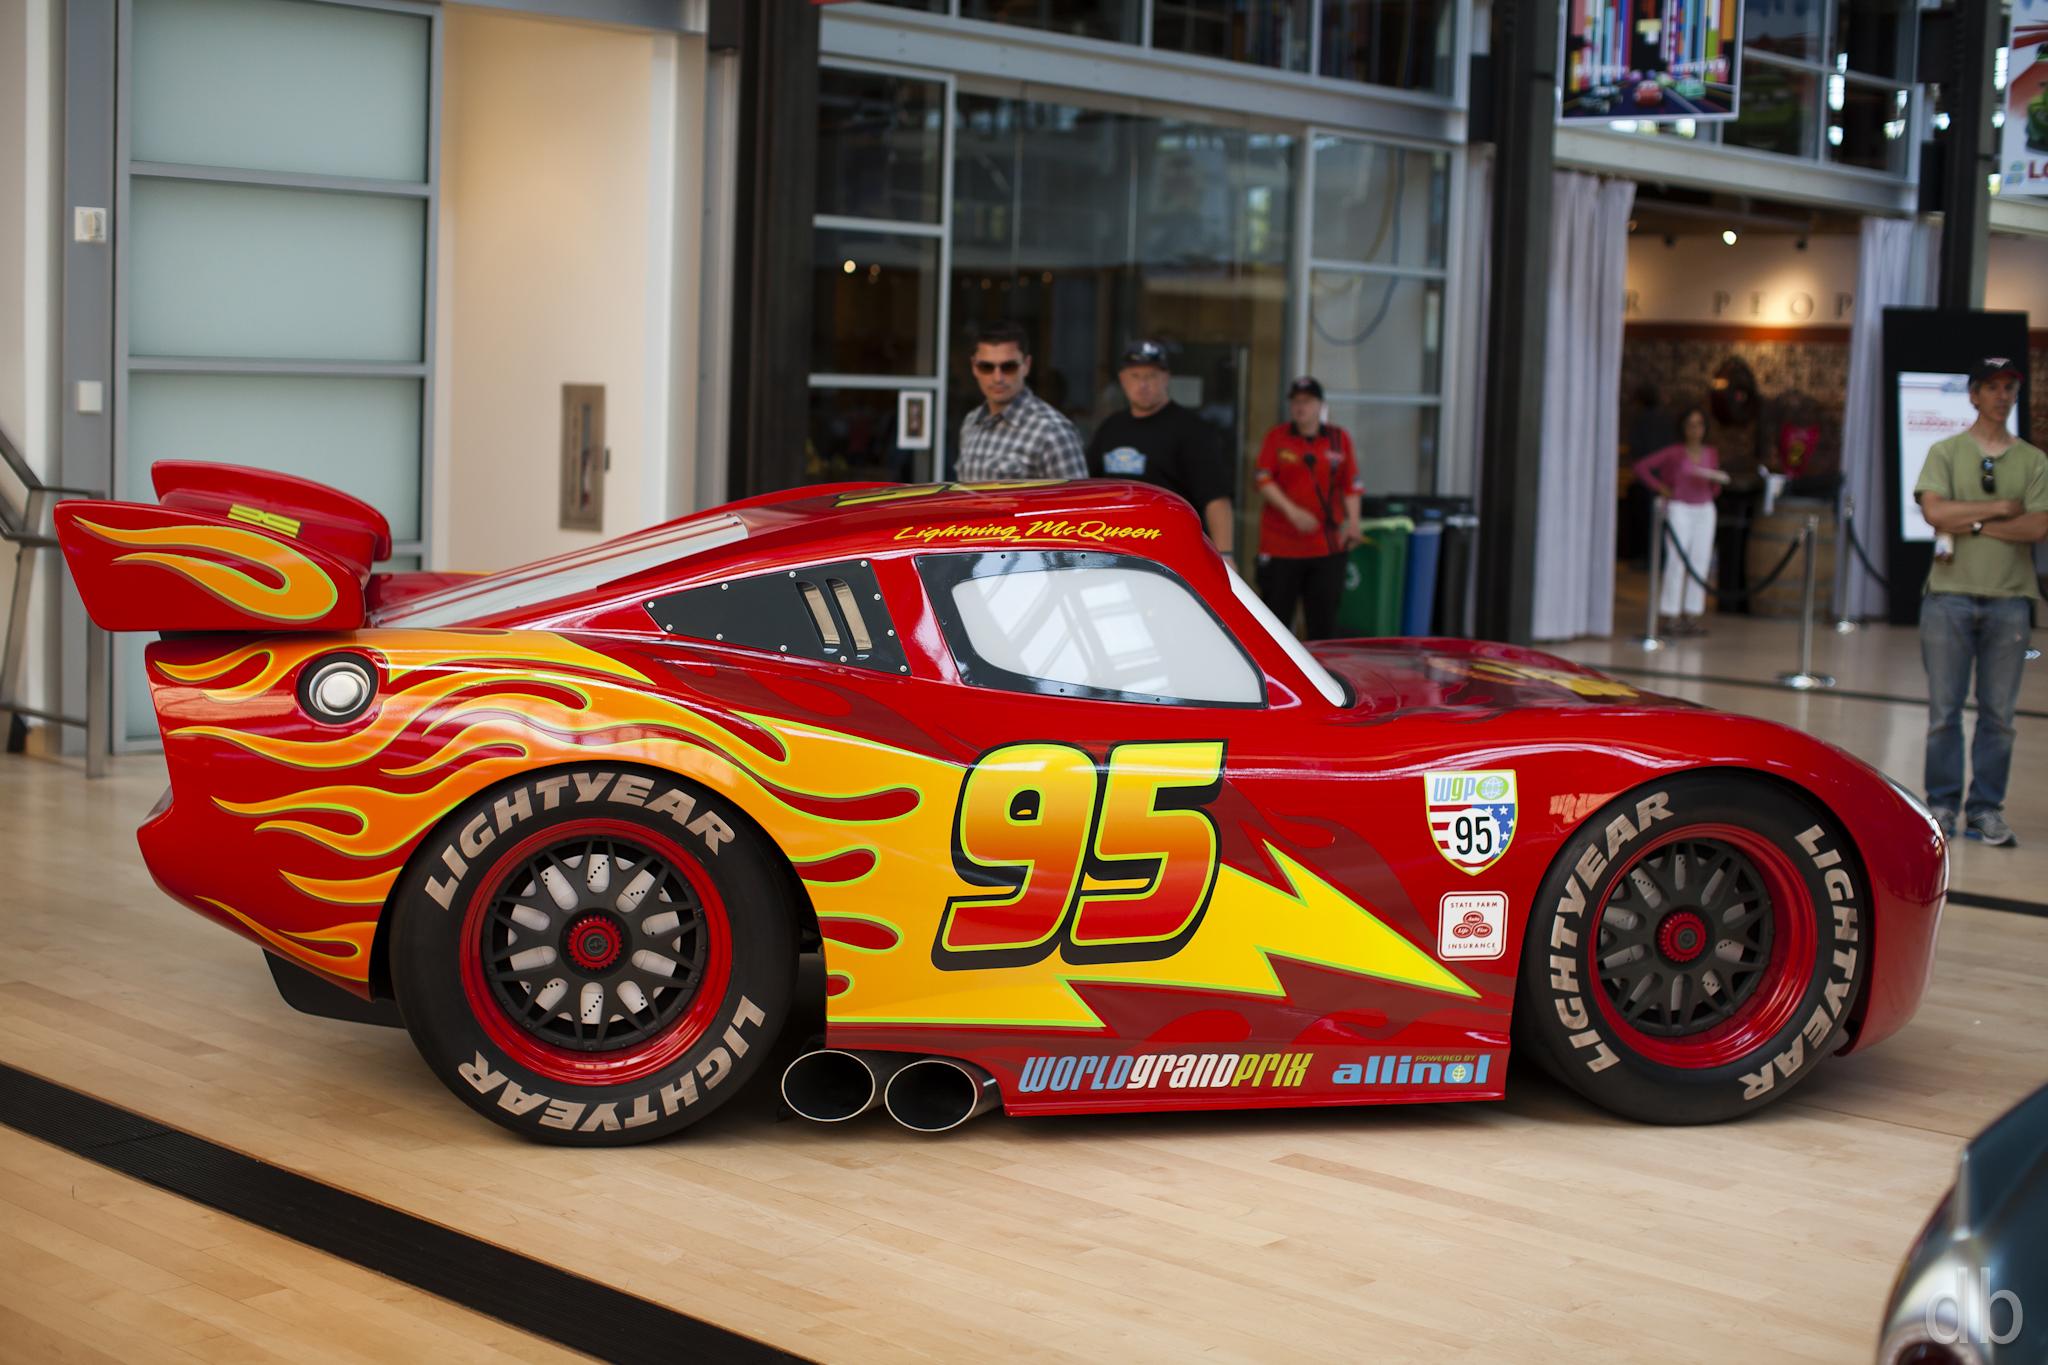 Lightning McQueen Pistons Pinterest Lightning Mcqueen Cars - Lightning mcqueen custom vinyl decals for carlightning mcqueen camaro car decals unique items racing